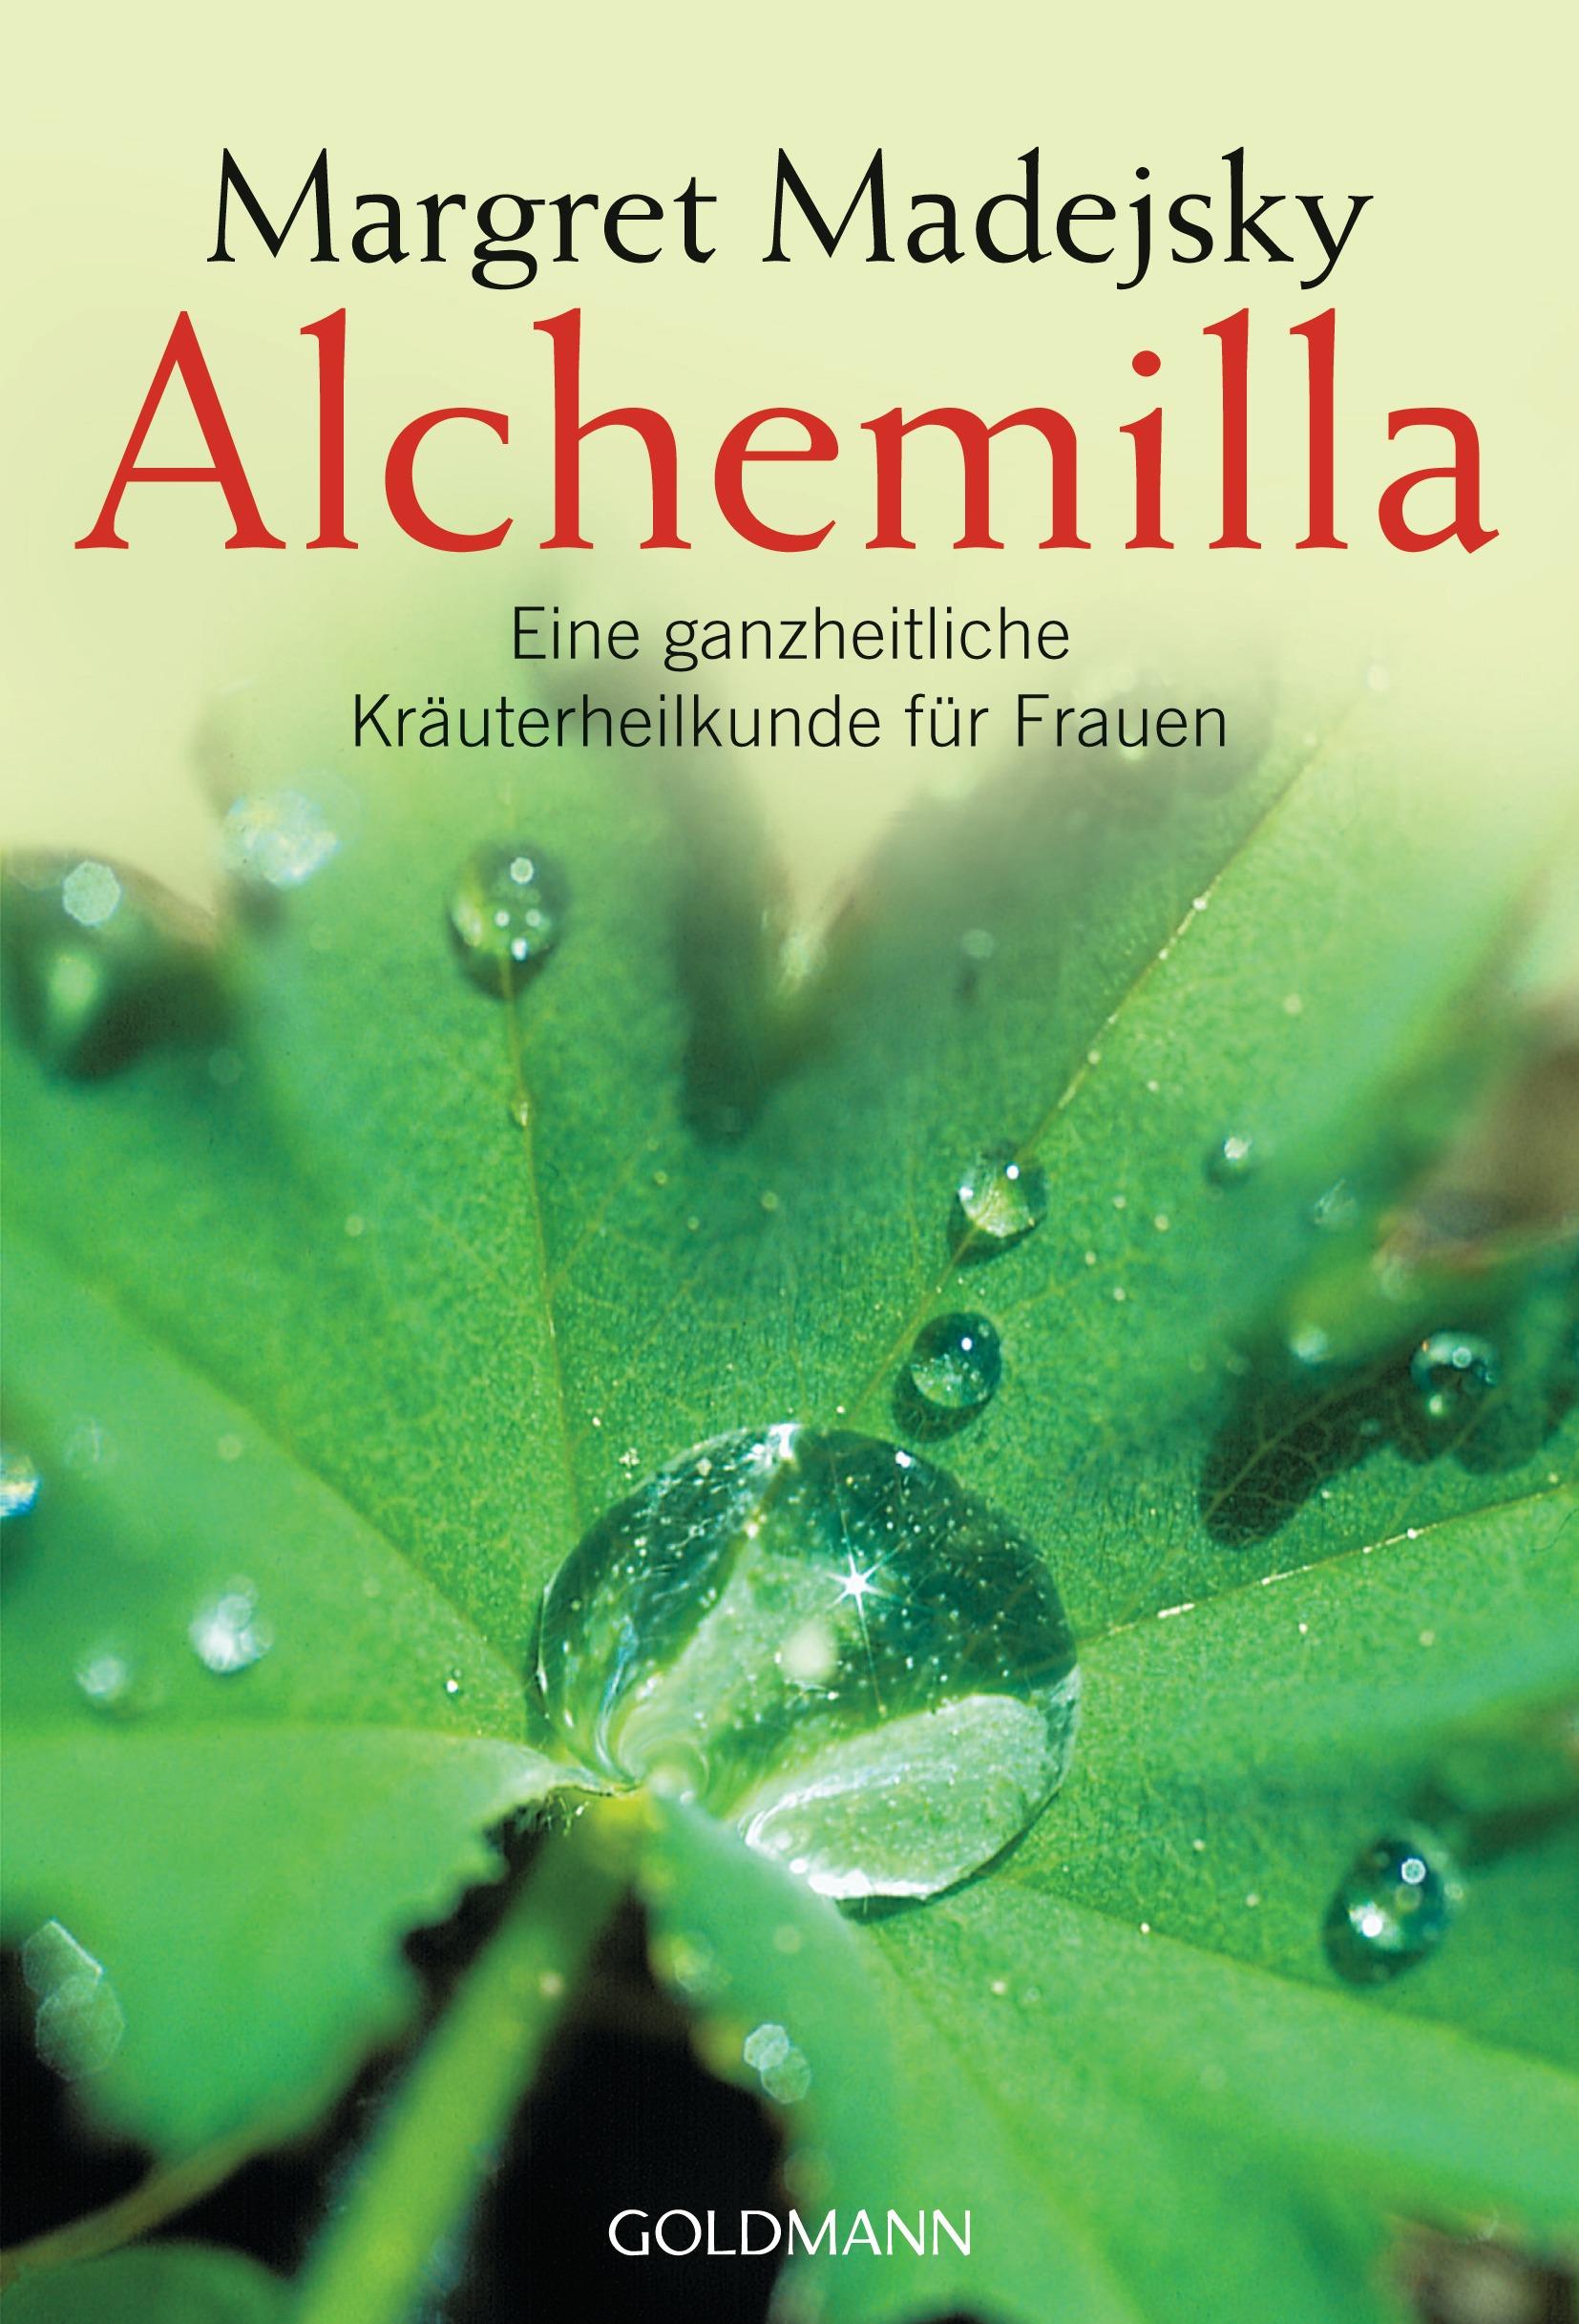 Alchemilla: Eine ganzheitliche Kräuterheilkunde für Frauen - Margret Madejsky